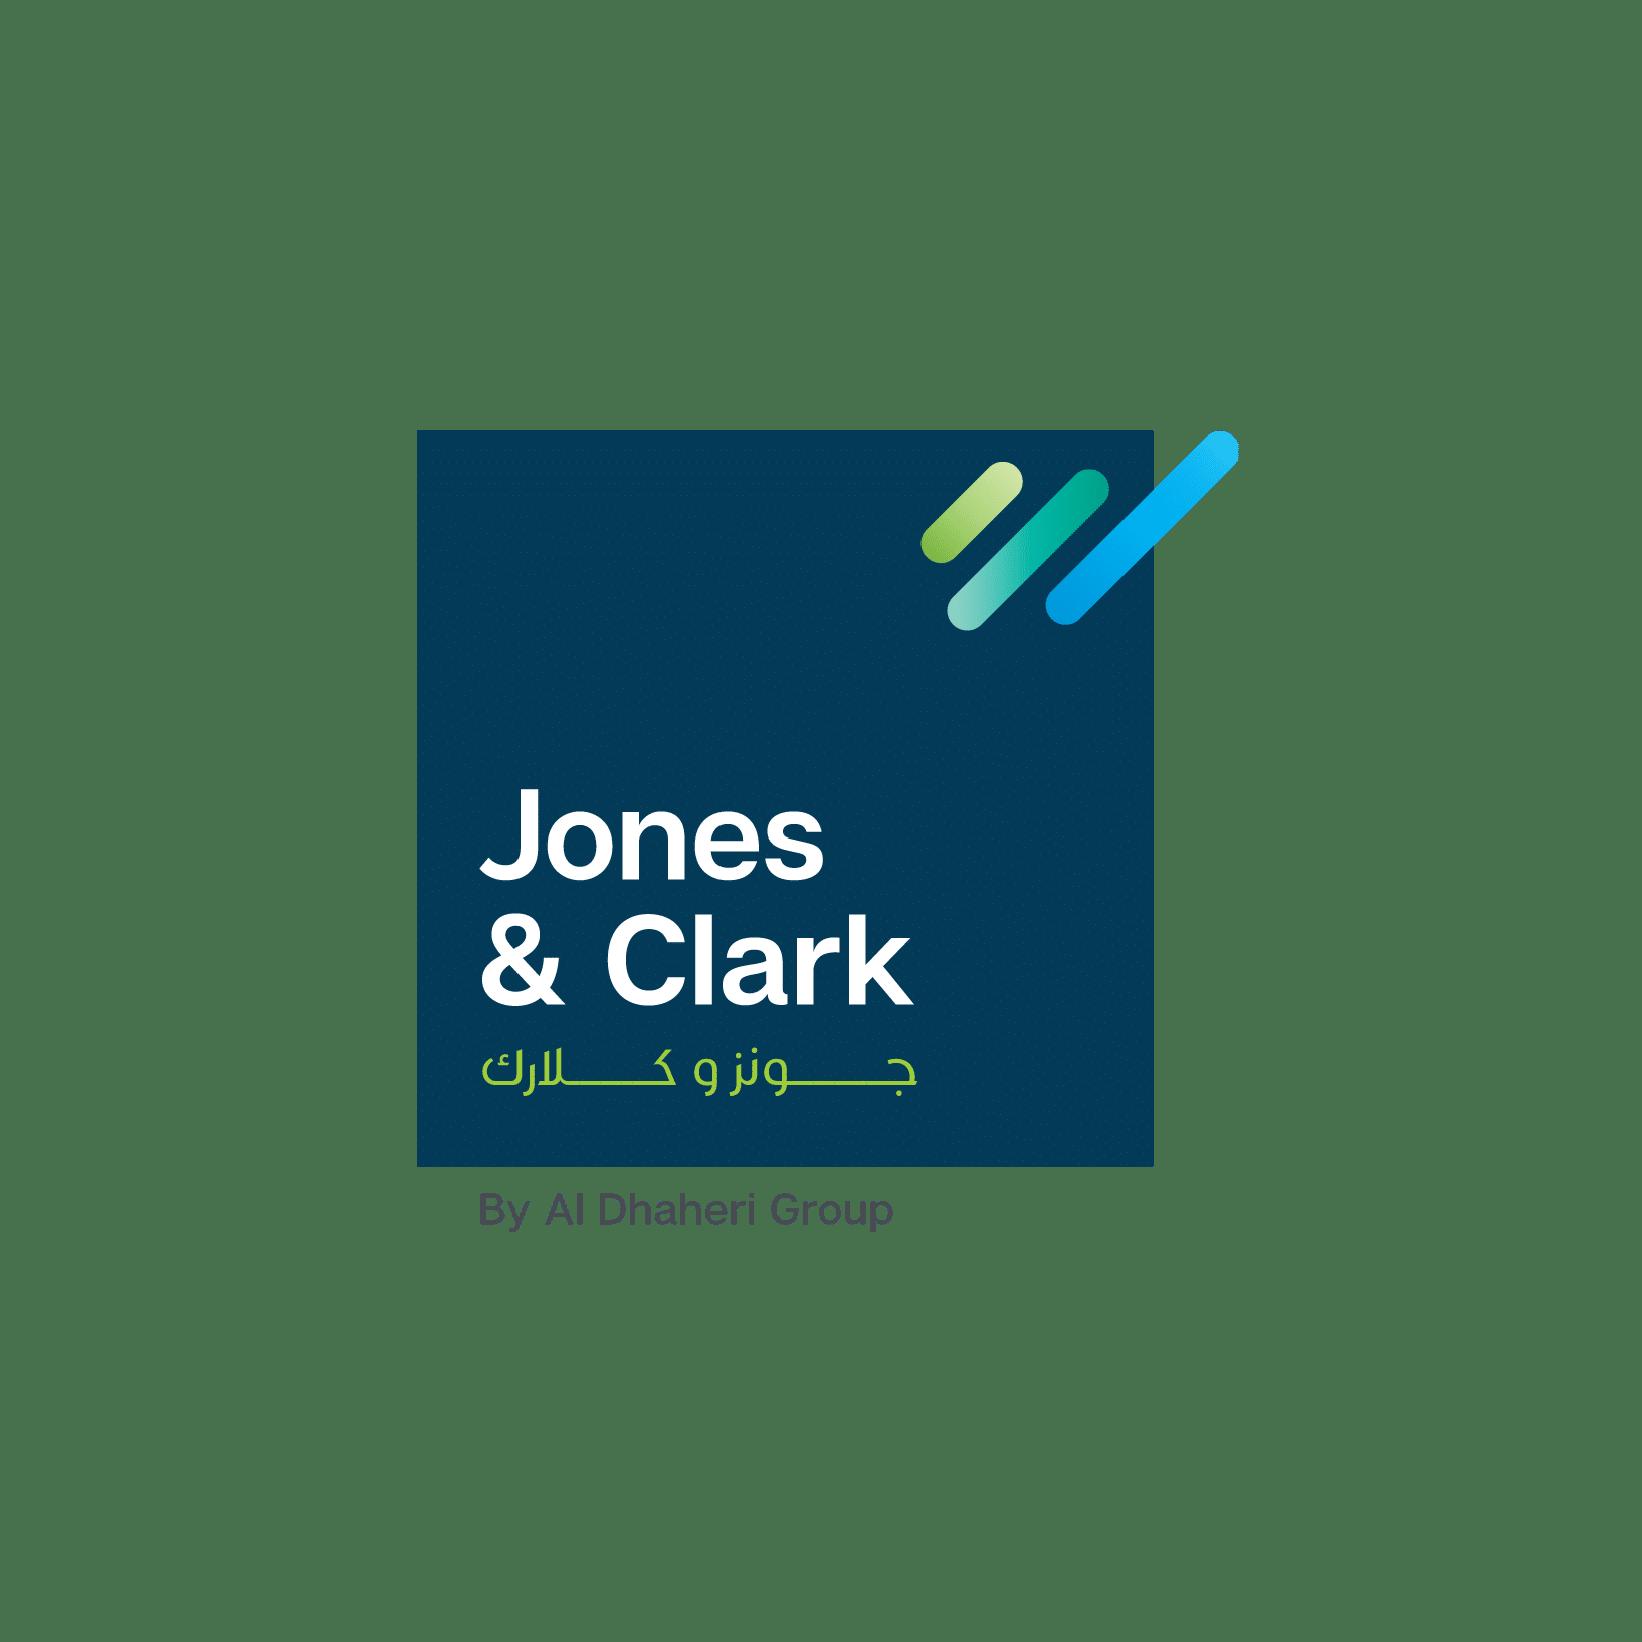 Jones & Clark